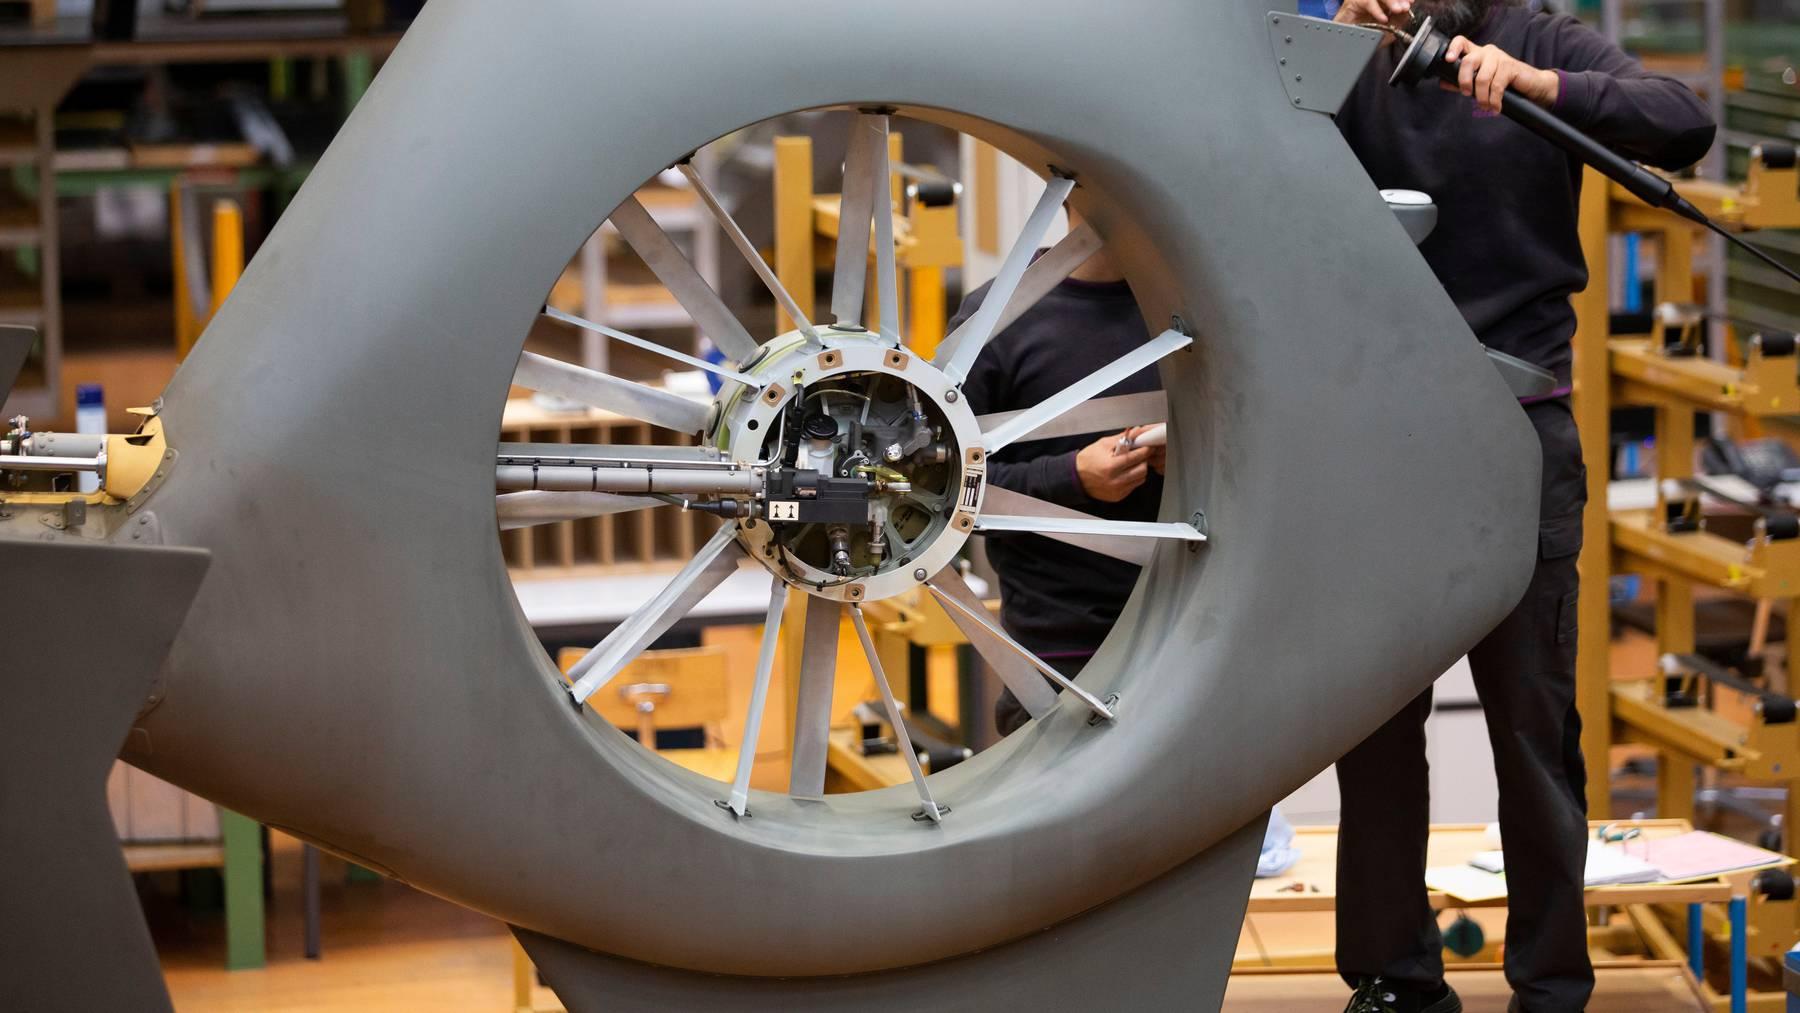 Die Schweizer Rüstungsindustrie konnte ihre Exporte in den ersten drei Quartalen steigern. (Symbolbild)